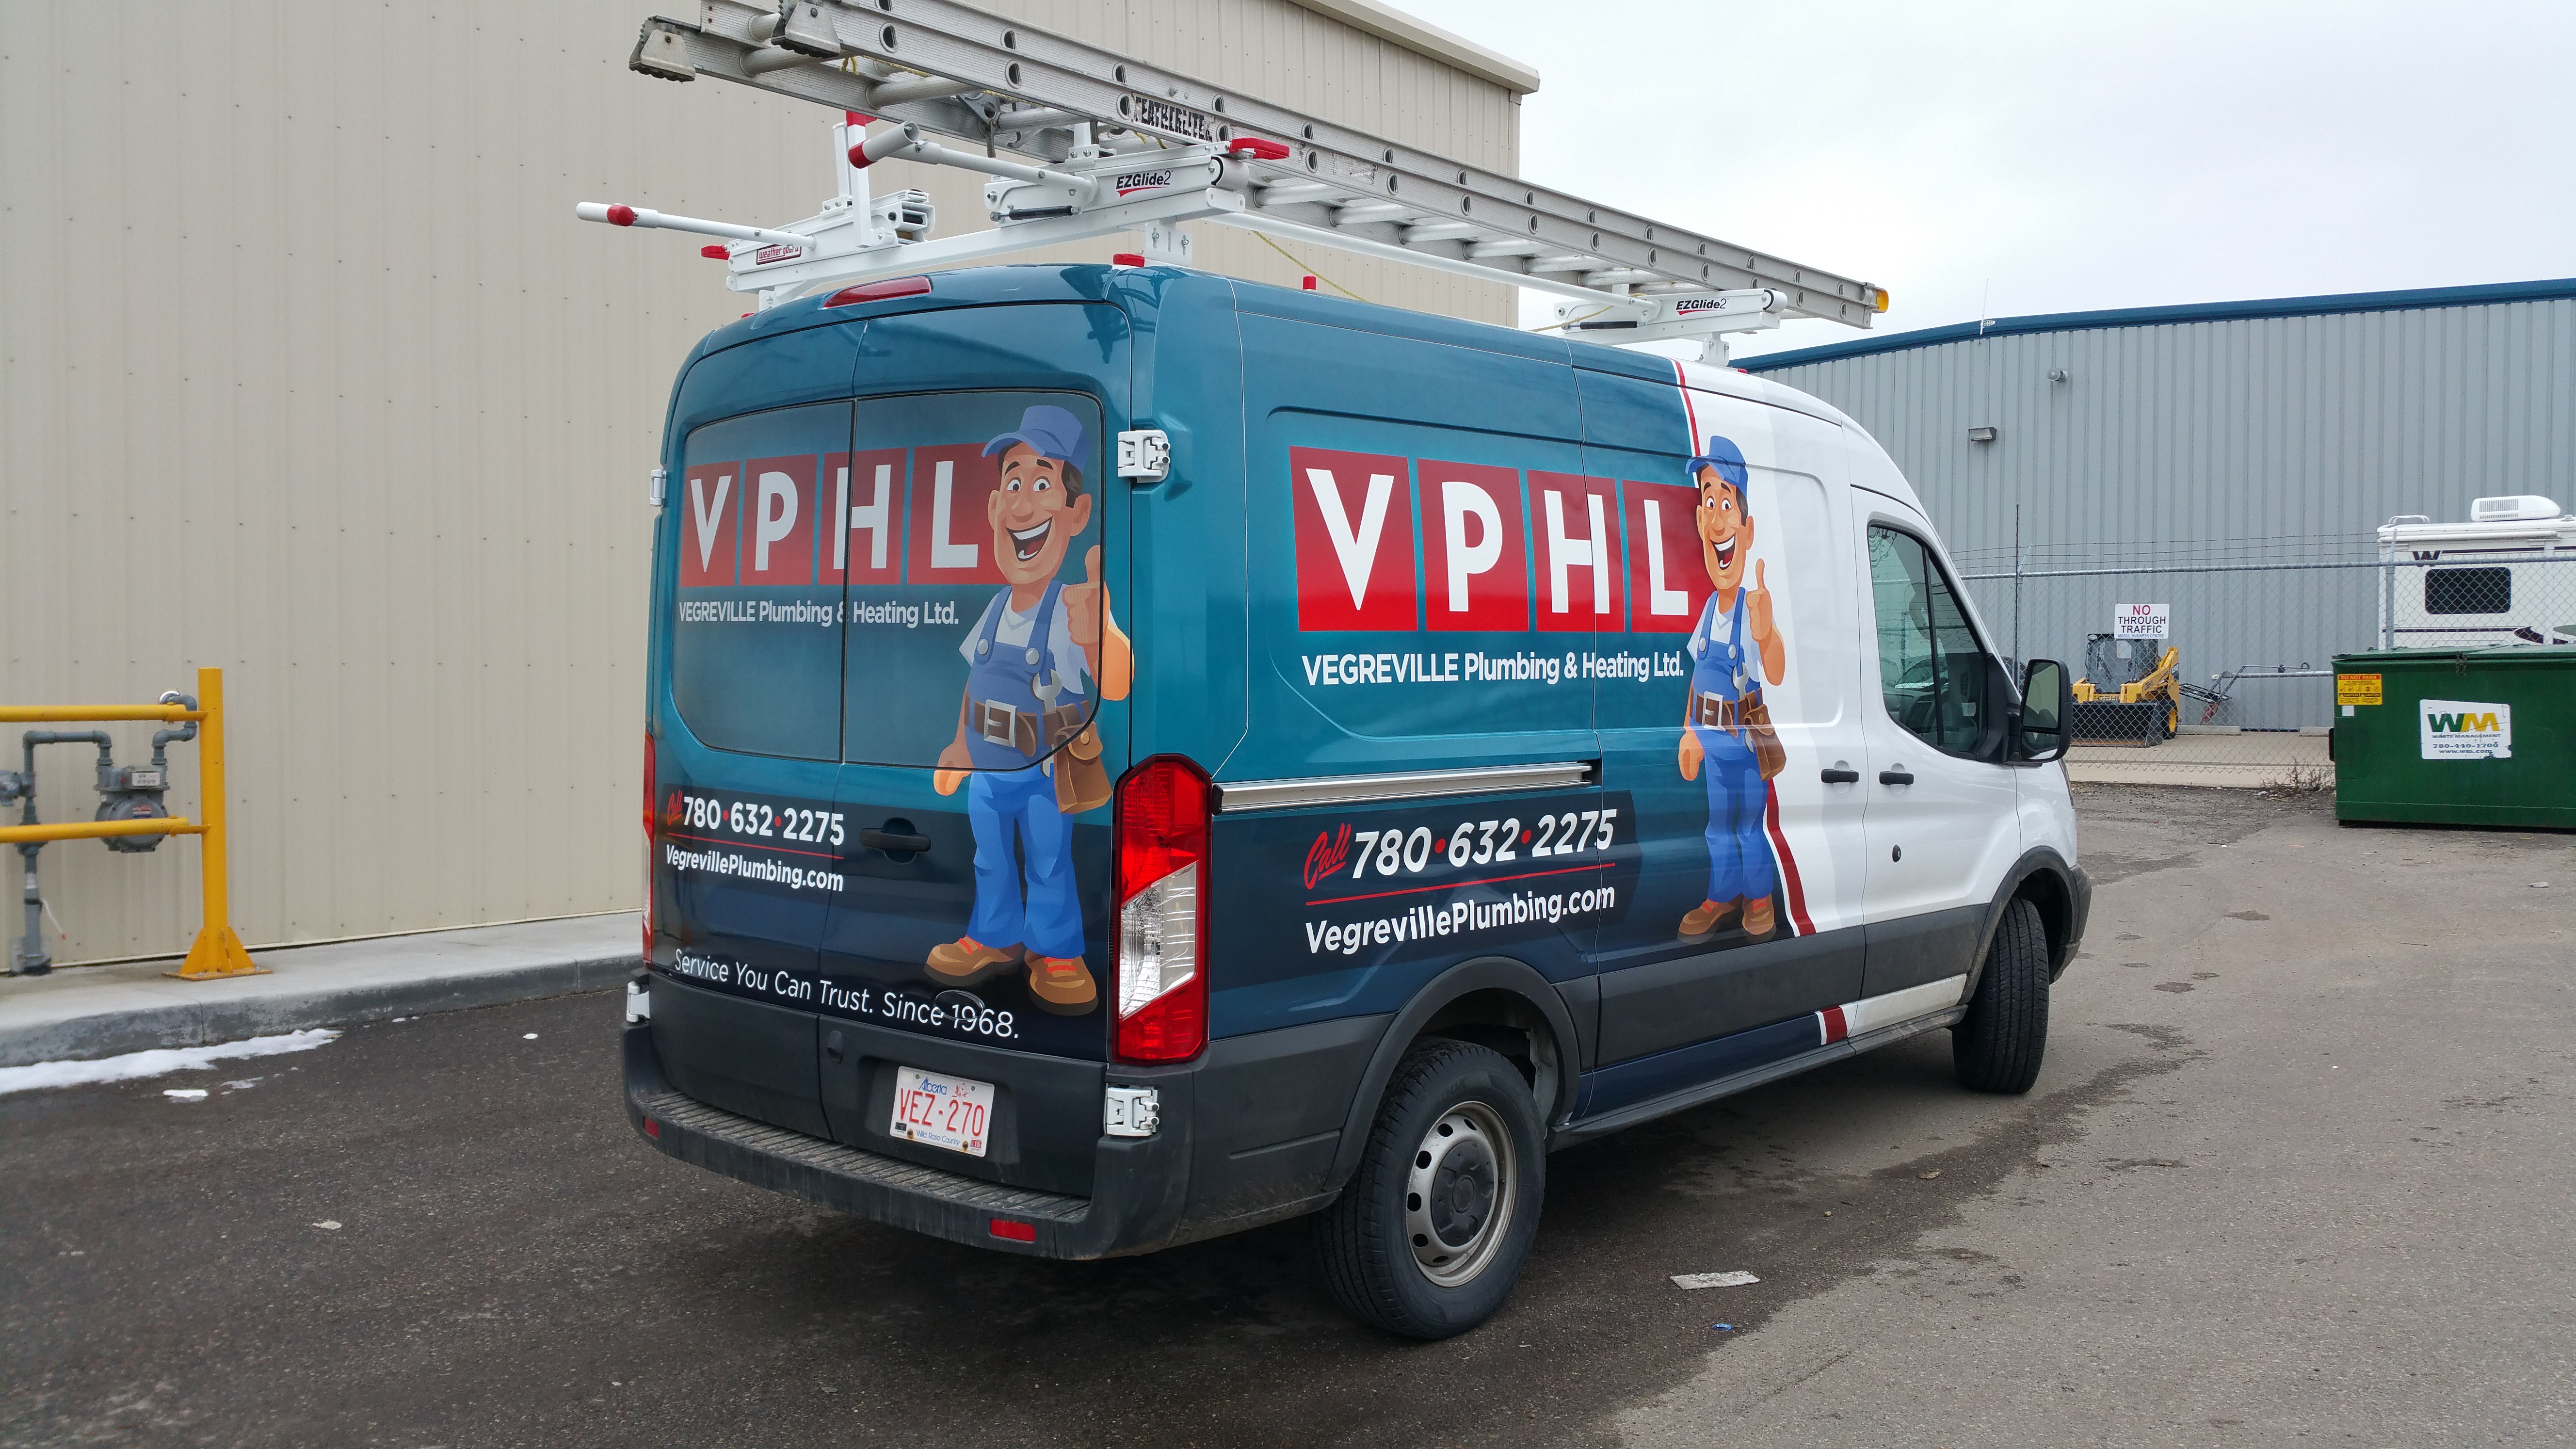 VPHL transit wrap